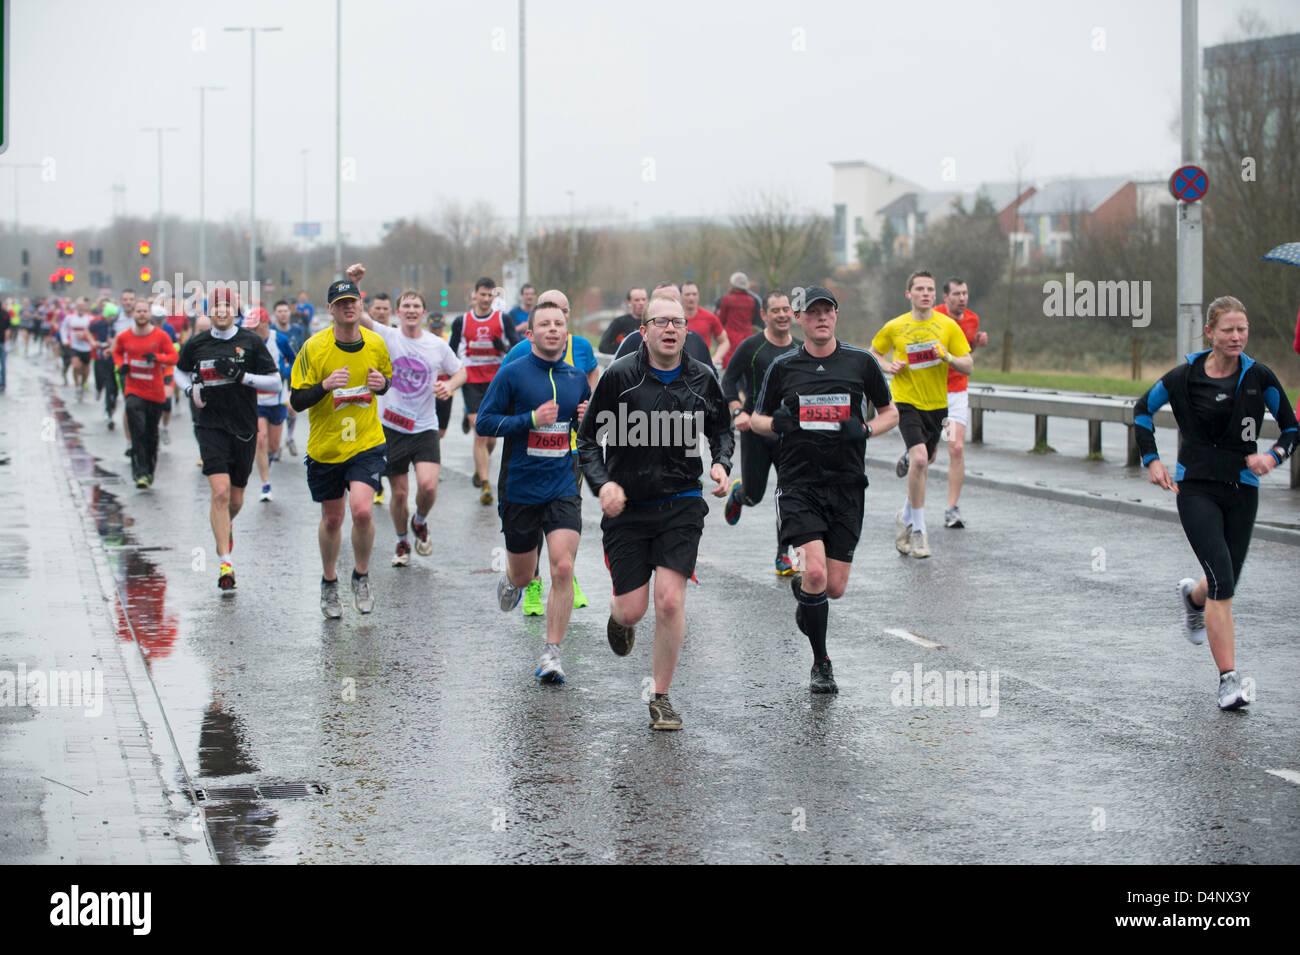 La lettura di mezza maratona, REGNO UNITO, 17 marzo 2013, guide a xi miglio Immagini Stock